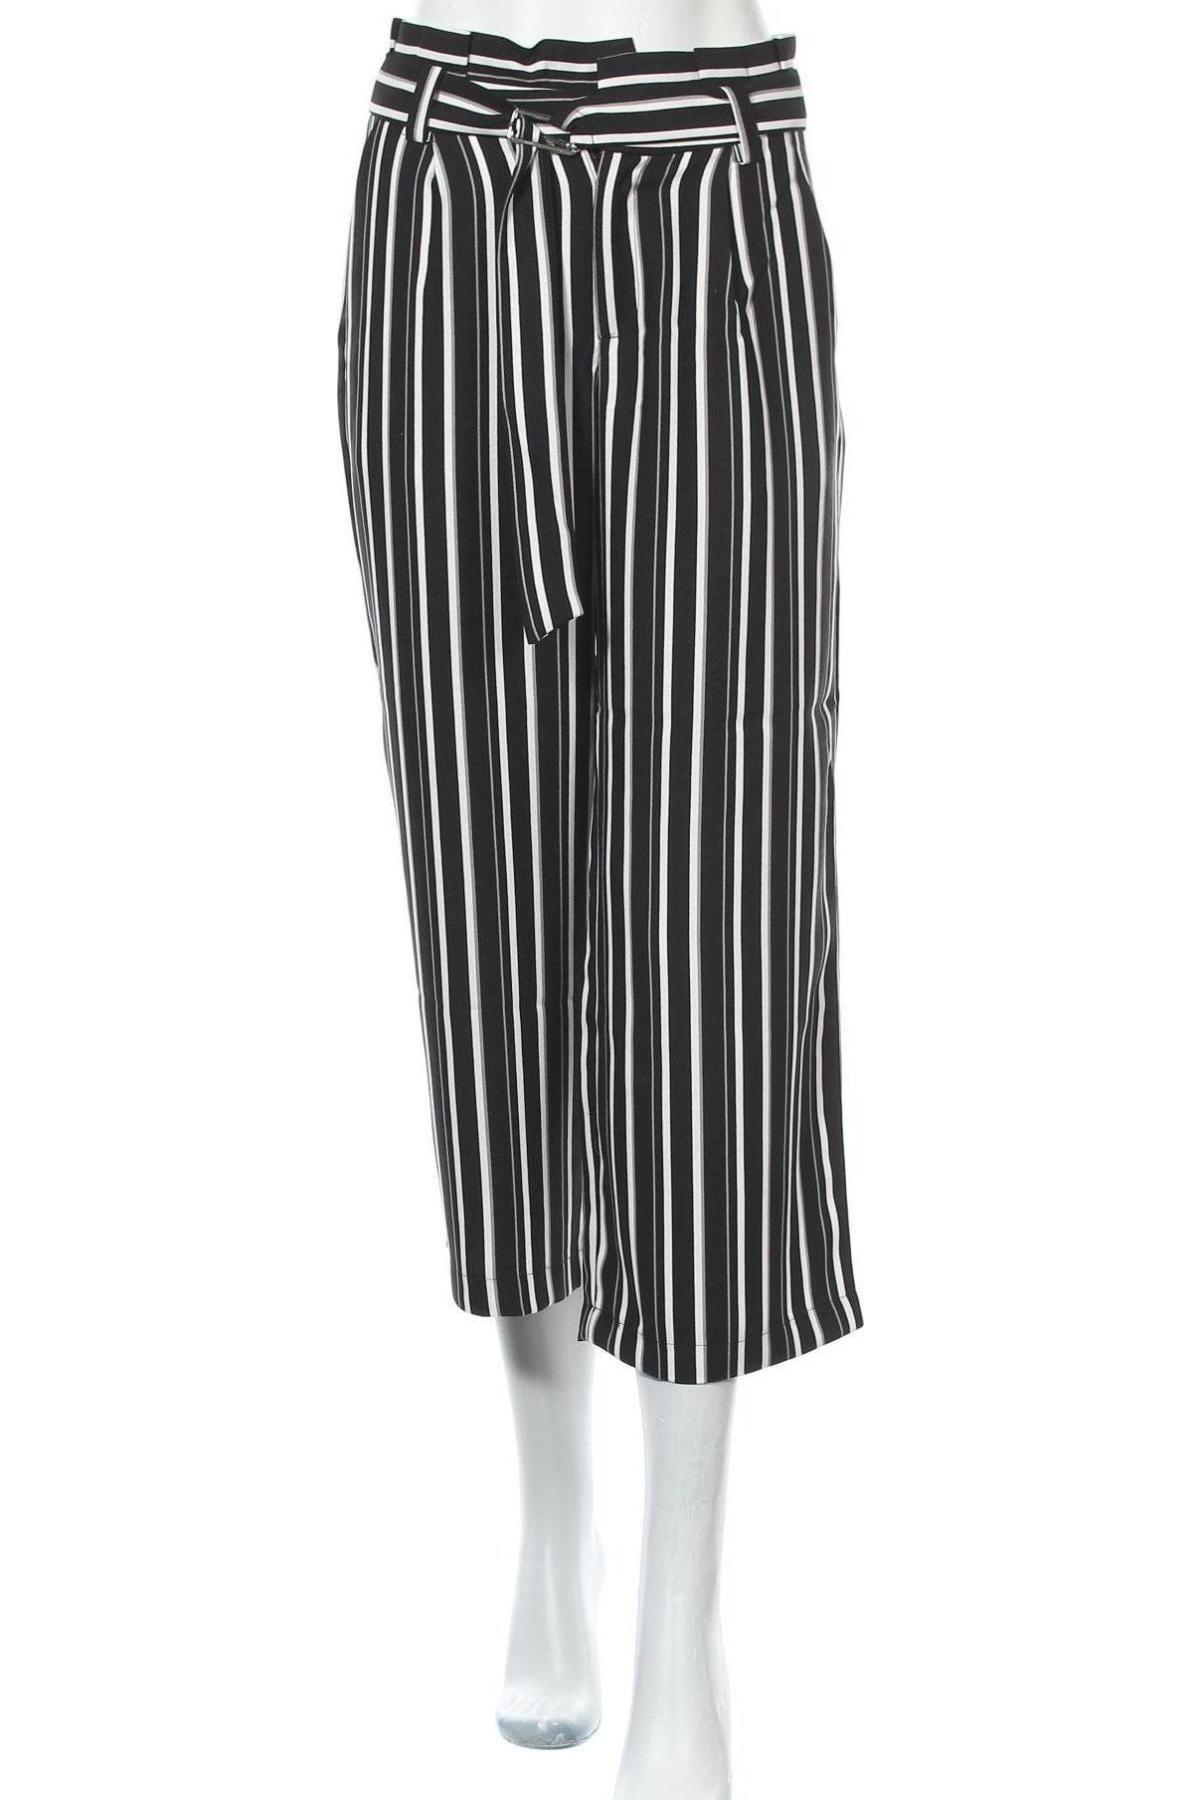 Дамски панталон ONLY, Размер S, Цвят Черен, Полиестер, Цена 20,34лв.